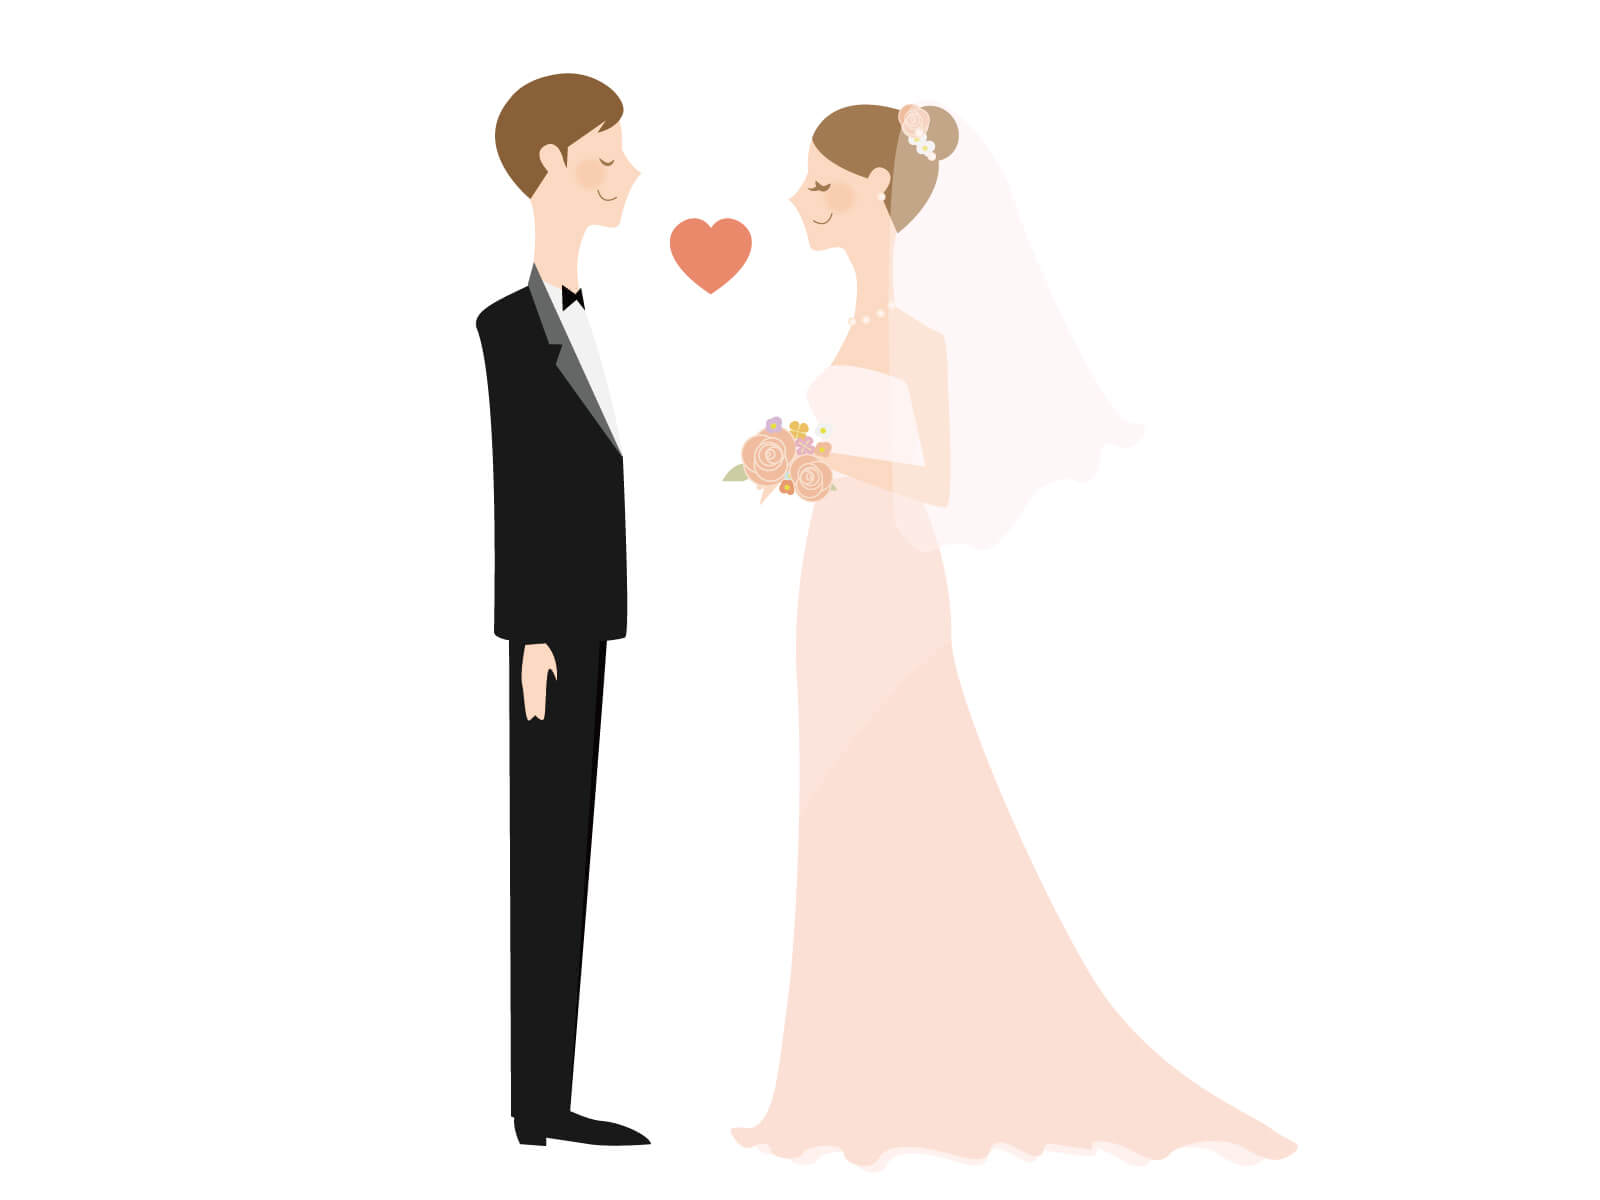 まだ結婚できない男8話の感想。面白いと思った場面リストアップ